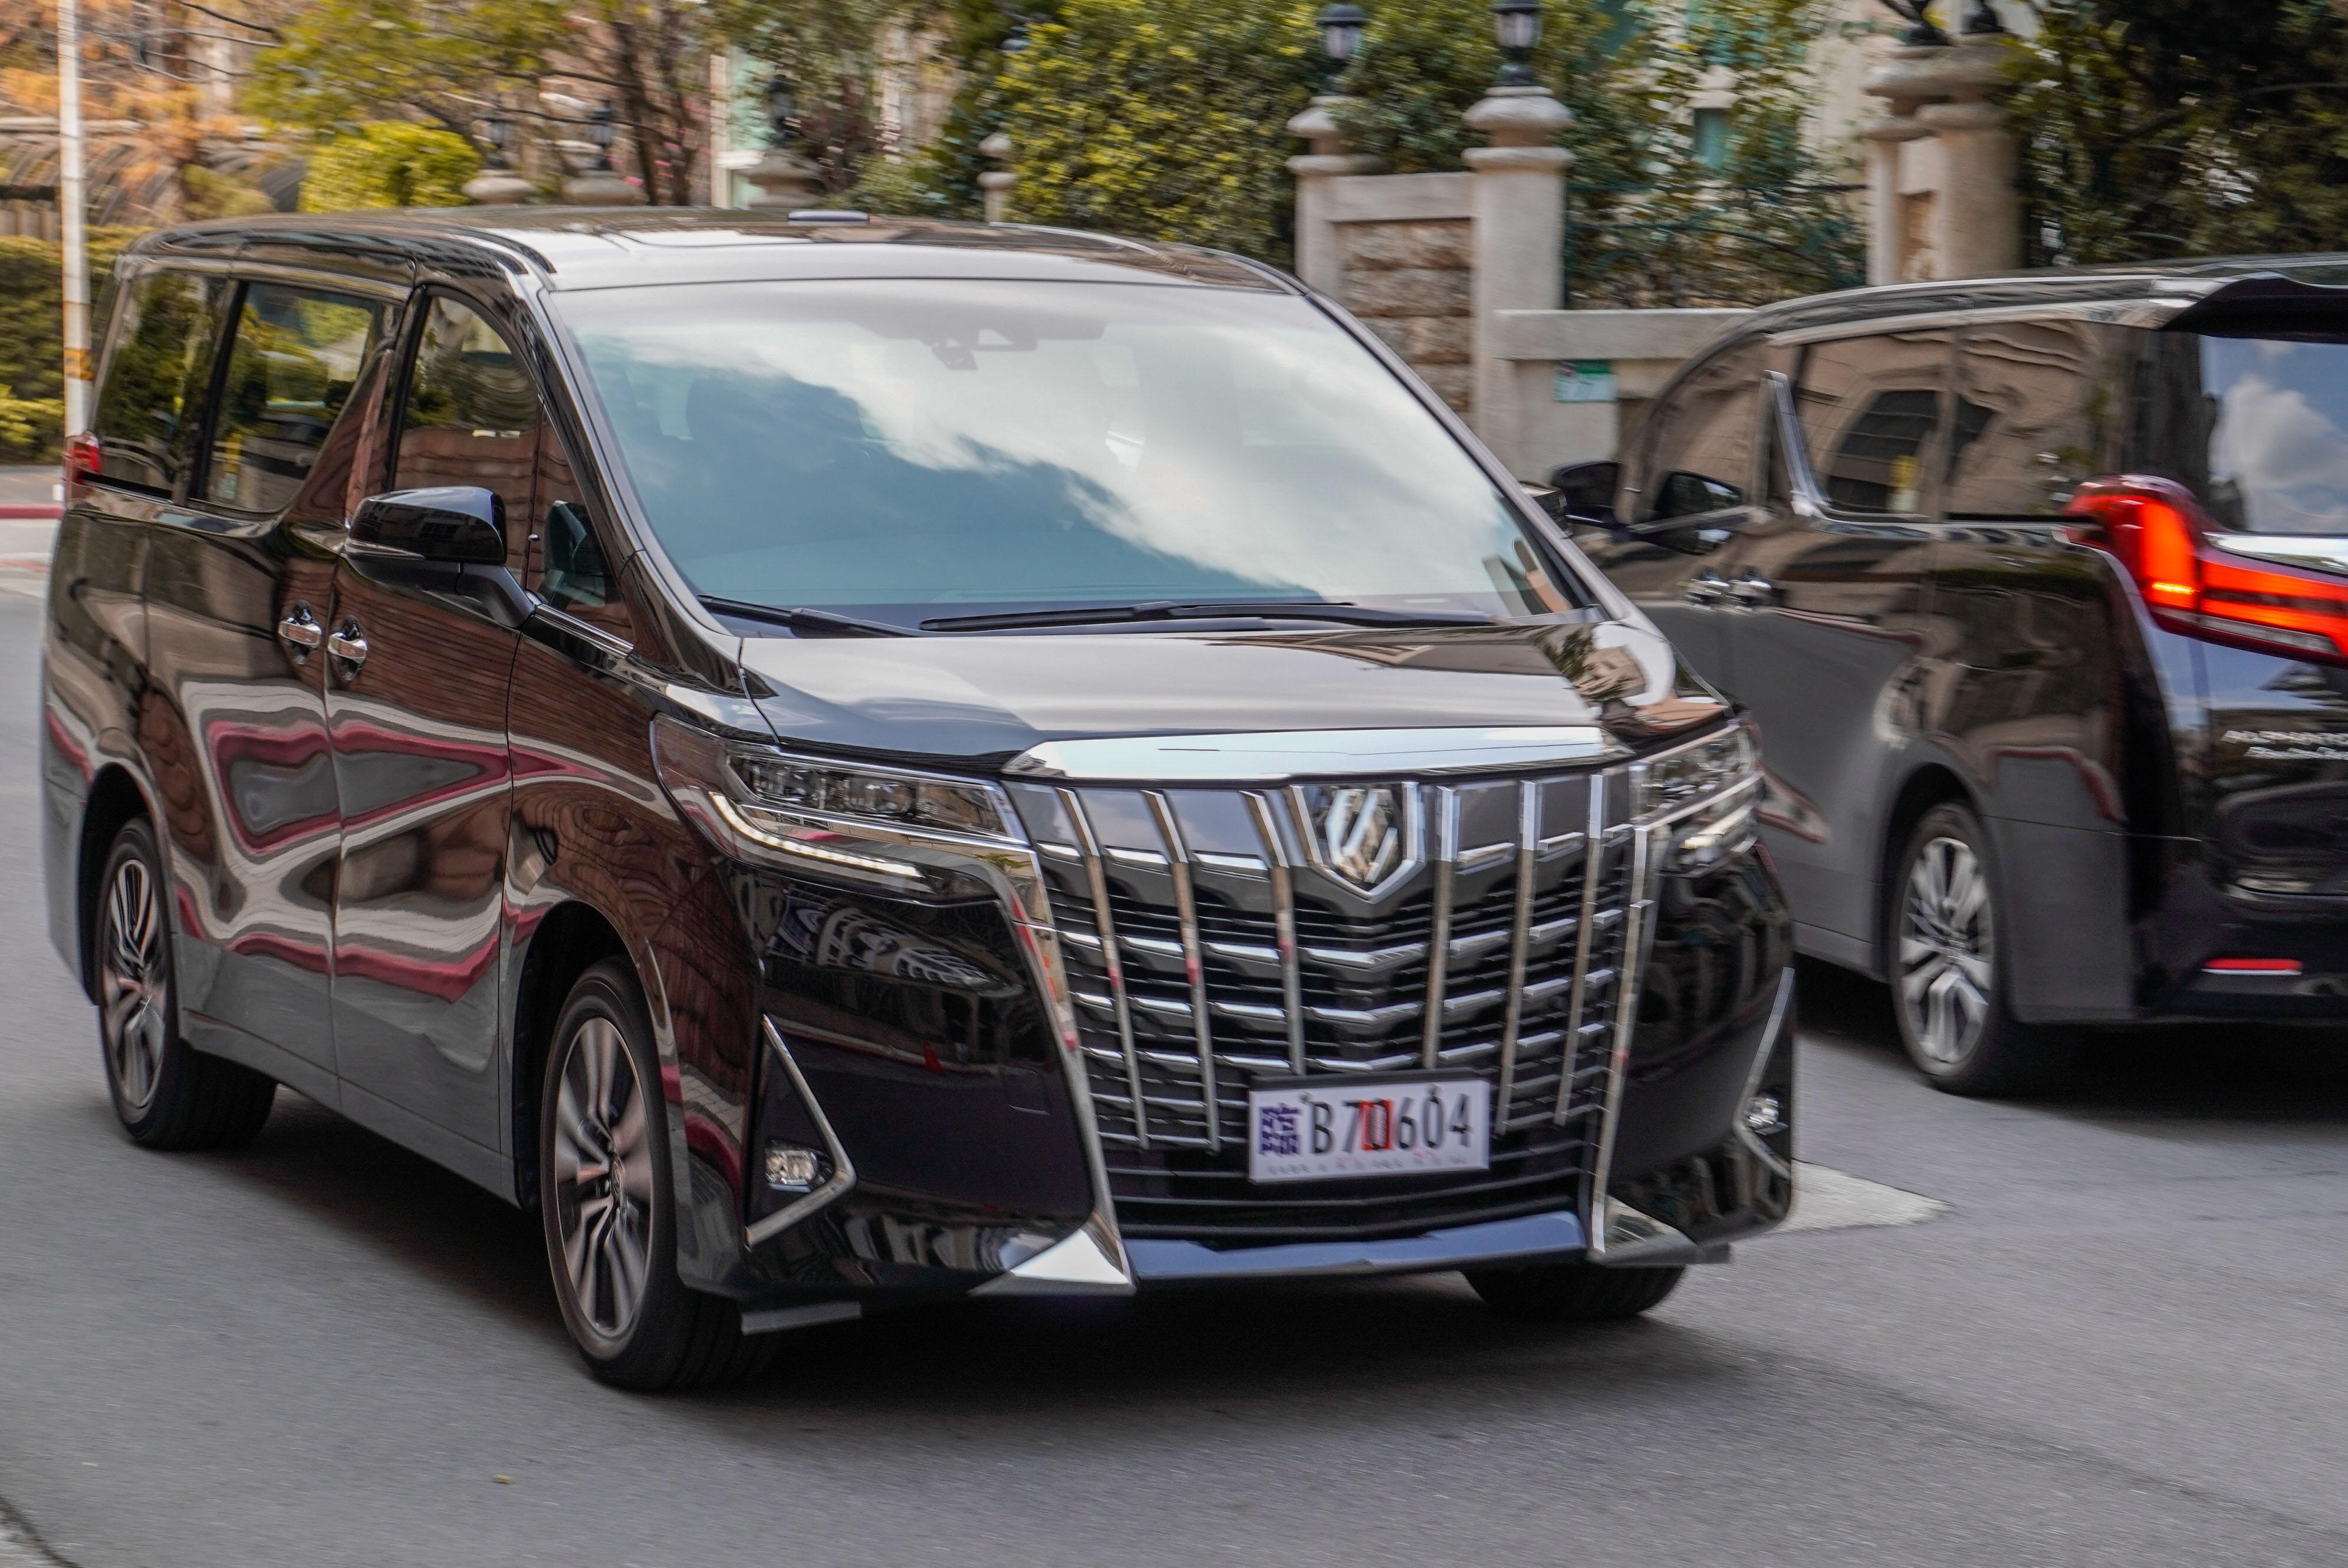 於台北市信義區的豪宅建築間穿梭,遇到 Alphard 同款車的機率極高。